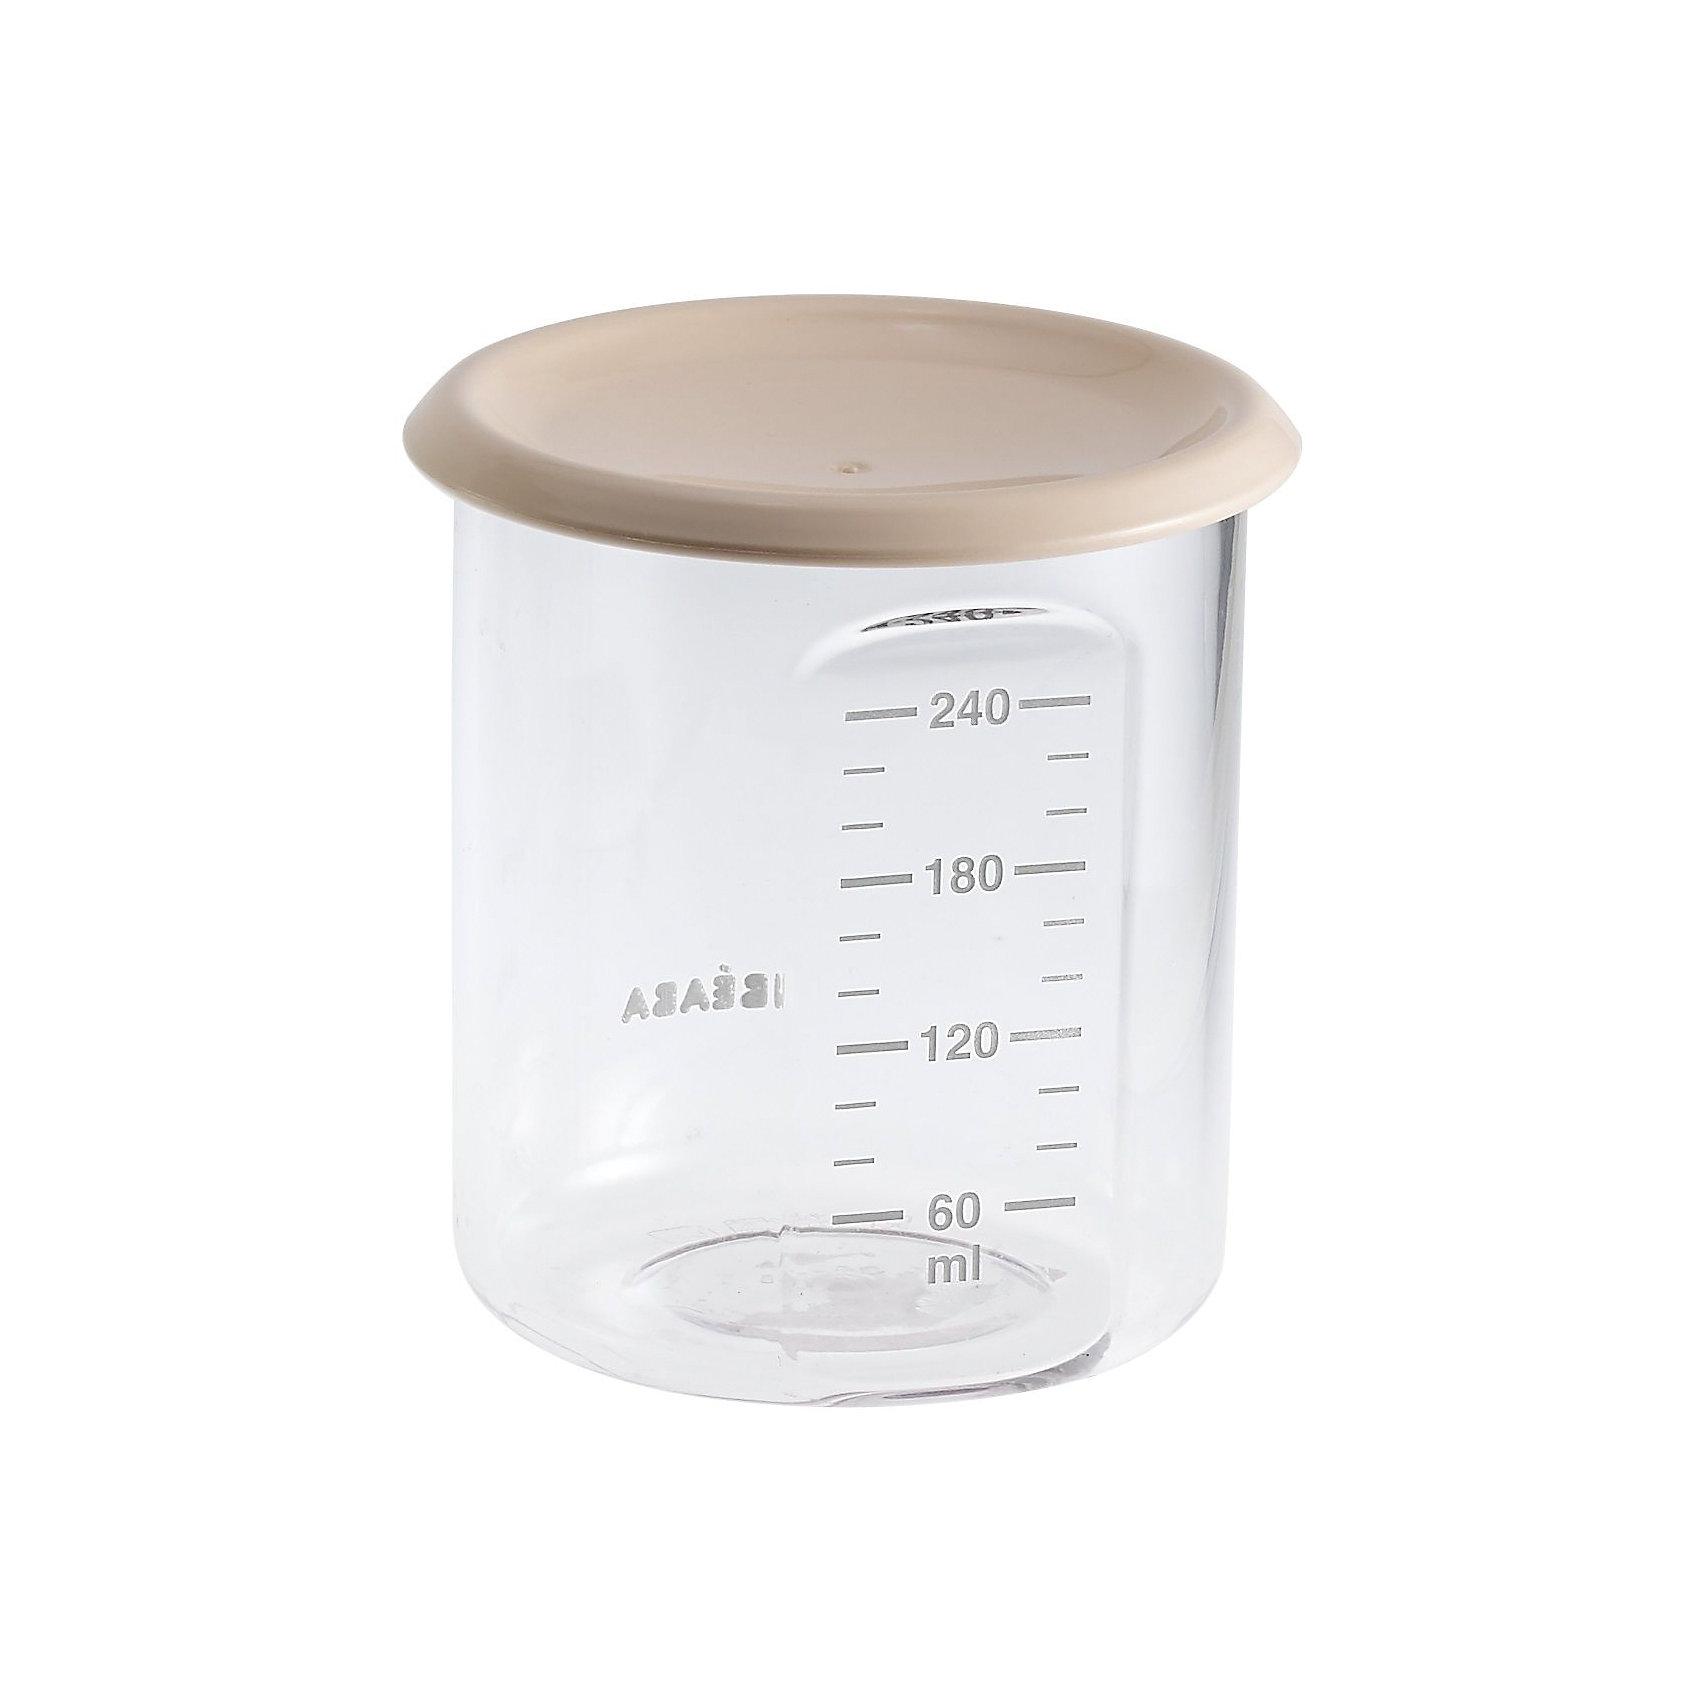 Контейнер для хранения Maxi Portion 240мл, Beaba, бежевыйКонтейнер для хранения Maxi Portion 240мл, Beaba (Беаба), бежевый<br><br>Характеристики:<br><br>• герметично закрывается крышкой<br>• удобная мерная шкала<br>• не содержит бисфенол А<br>• можно разогревать в микроволновой печи и мыть в посудомоечной машине<br>• цвет: бежевый<br>• объем: 240 мл<br>• диаметр: 9,5 см<br><br>Контейнер Maxi Portion - отличный помощник для родителей. Крышка контейнера плотно закрывается для надежного хранения пищевых продуктов. Контейнер можно мыть в посудомоечной машине, использовать для заморозки продуктов и разогревать в микроволновой печи. Удобная мерная шкала поможет вам отмерить необходимое количество продукта. Не содержит бисфенол А.<br><br>Контейнер для хранения Maxi Portion 240мл, Beaba (Беаба), бежевый можно купить в нашем интернет-магазине.<br><br>Ширина мм: 85<br>Глубина мм: 85<br>Высота мм: 91<br>Вес г: 70<br>Возраст от месяцев: 4<br>Возраст до месяцев: 2147483647<br>Пол: Унисекс<br>Возраст: Детский<br>SKU: 5445717